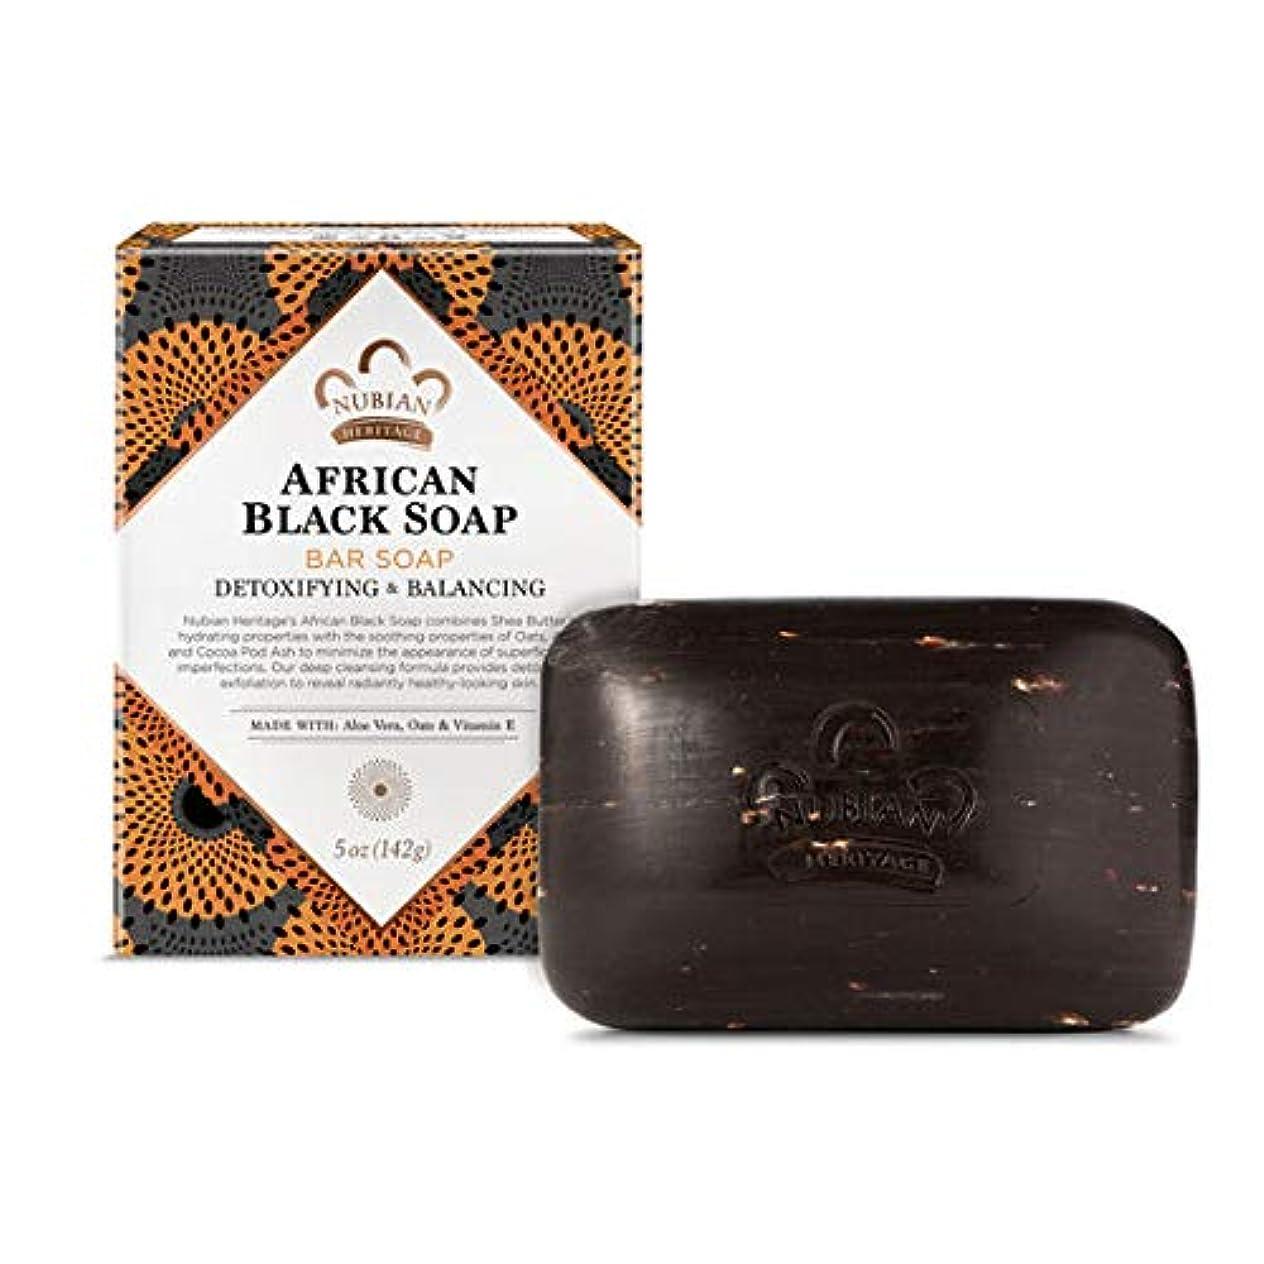 ハンディキャップ海外で変形ヌビアン ヘリテージ アフリカン ブラック ソープ 141g 並行輸入品 [並行輸入品]